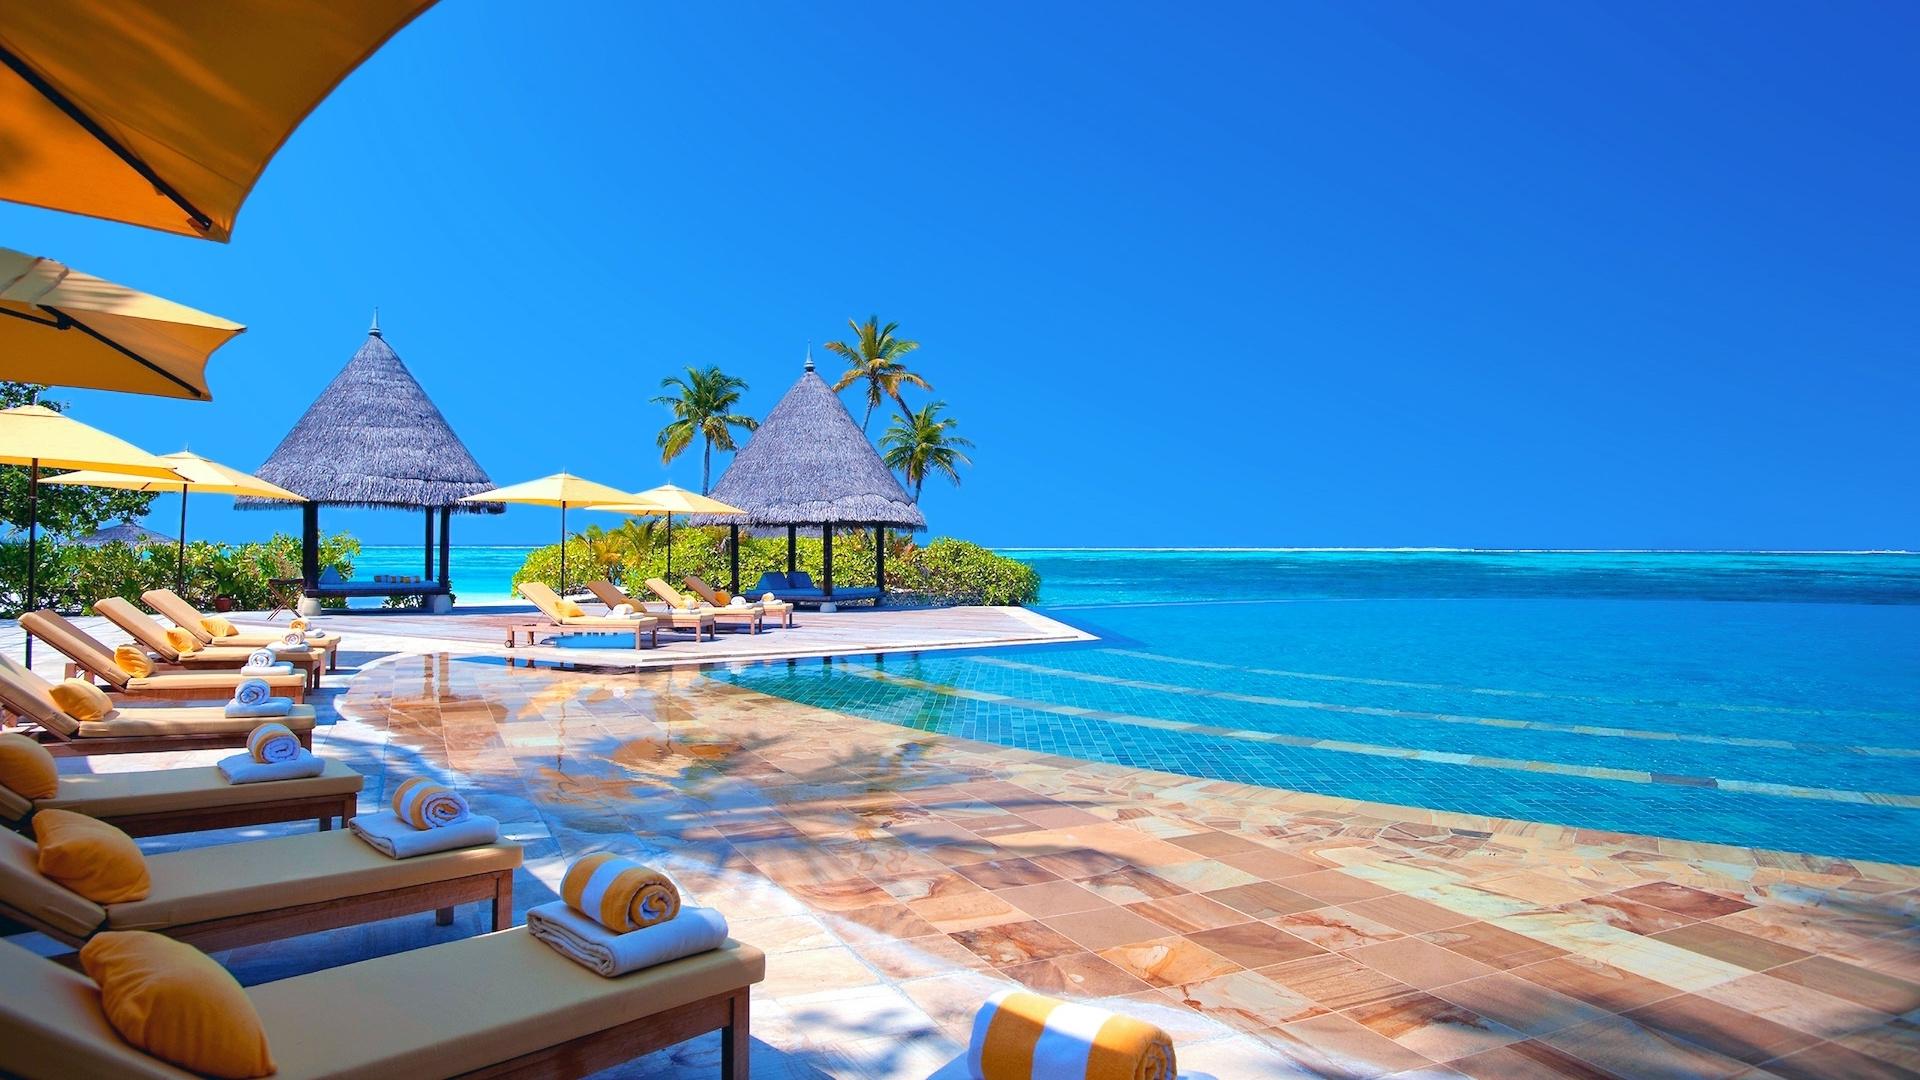 Exotic Resort Wallpapers Download 1920x1080